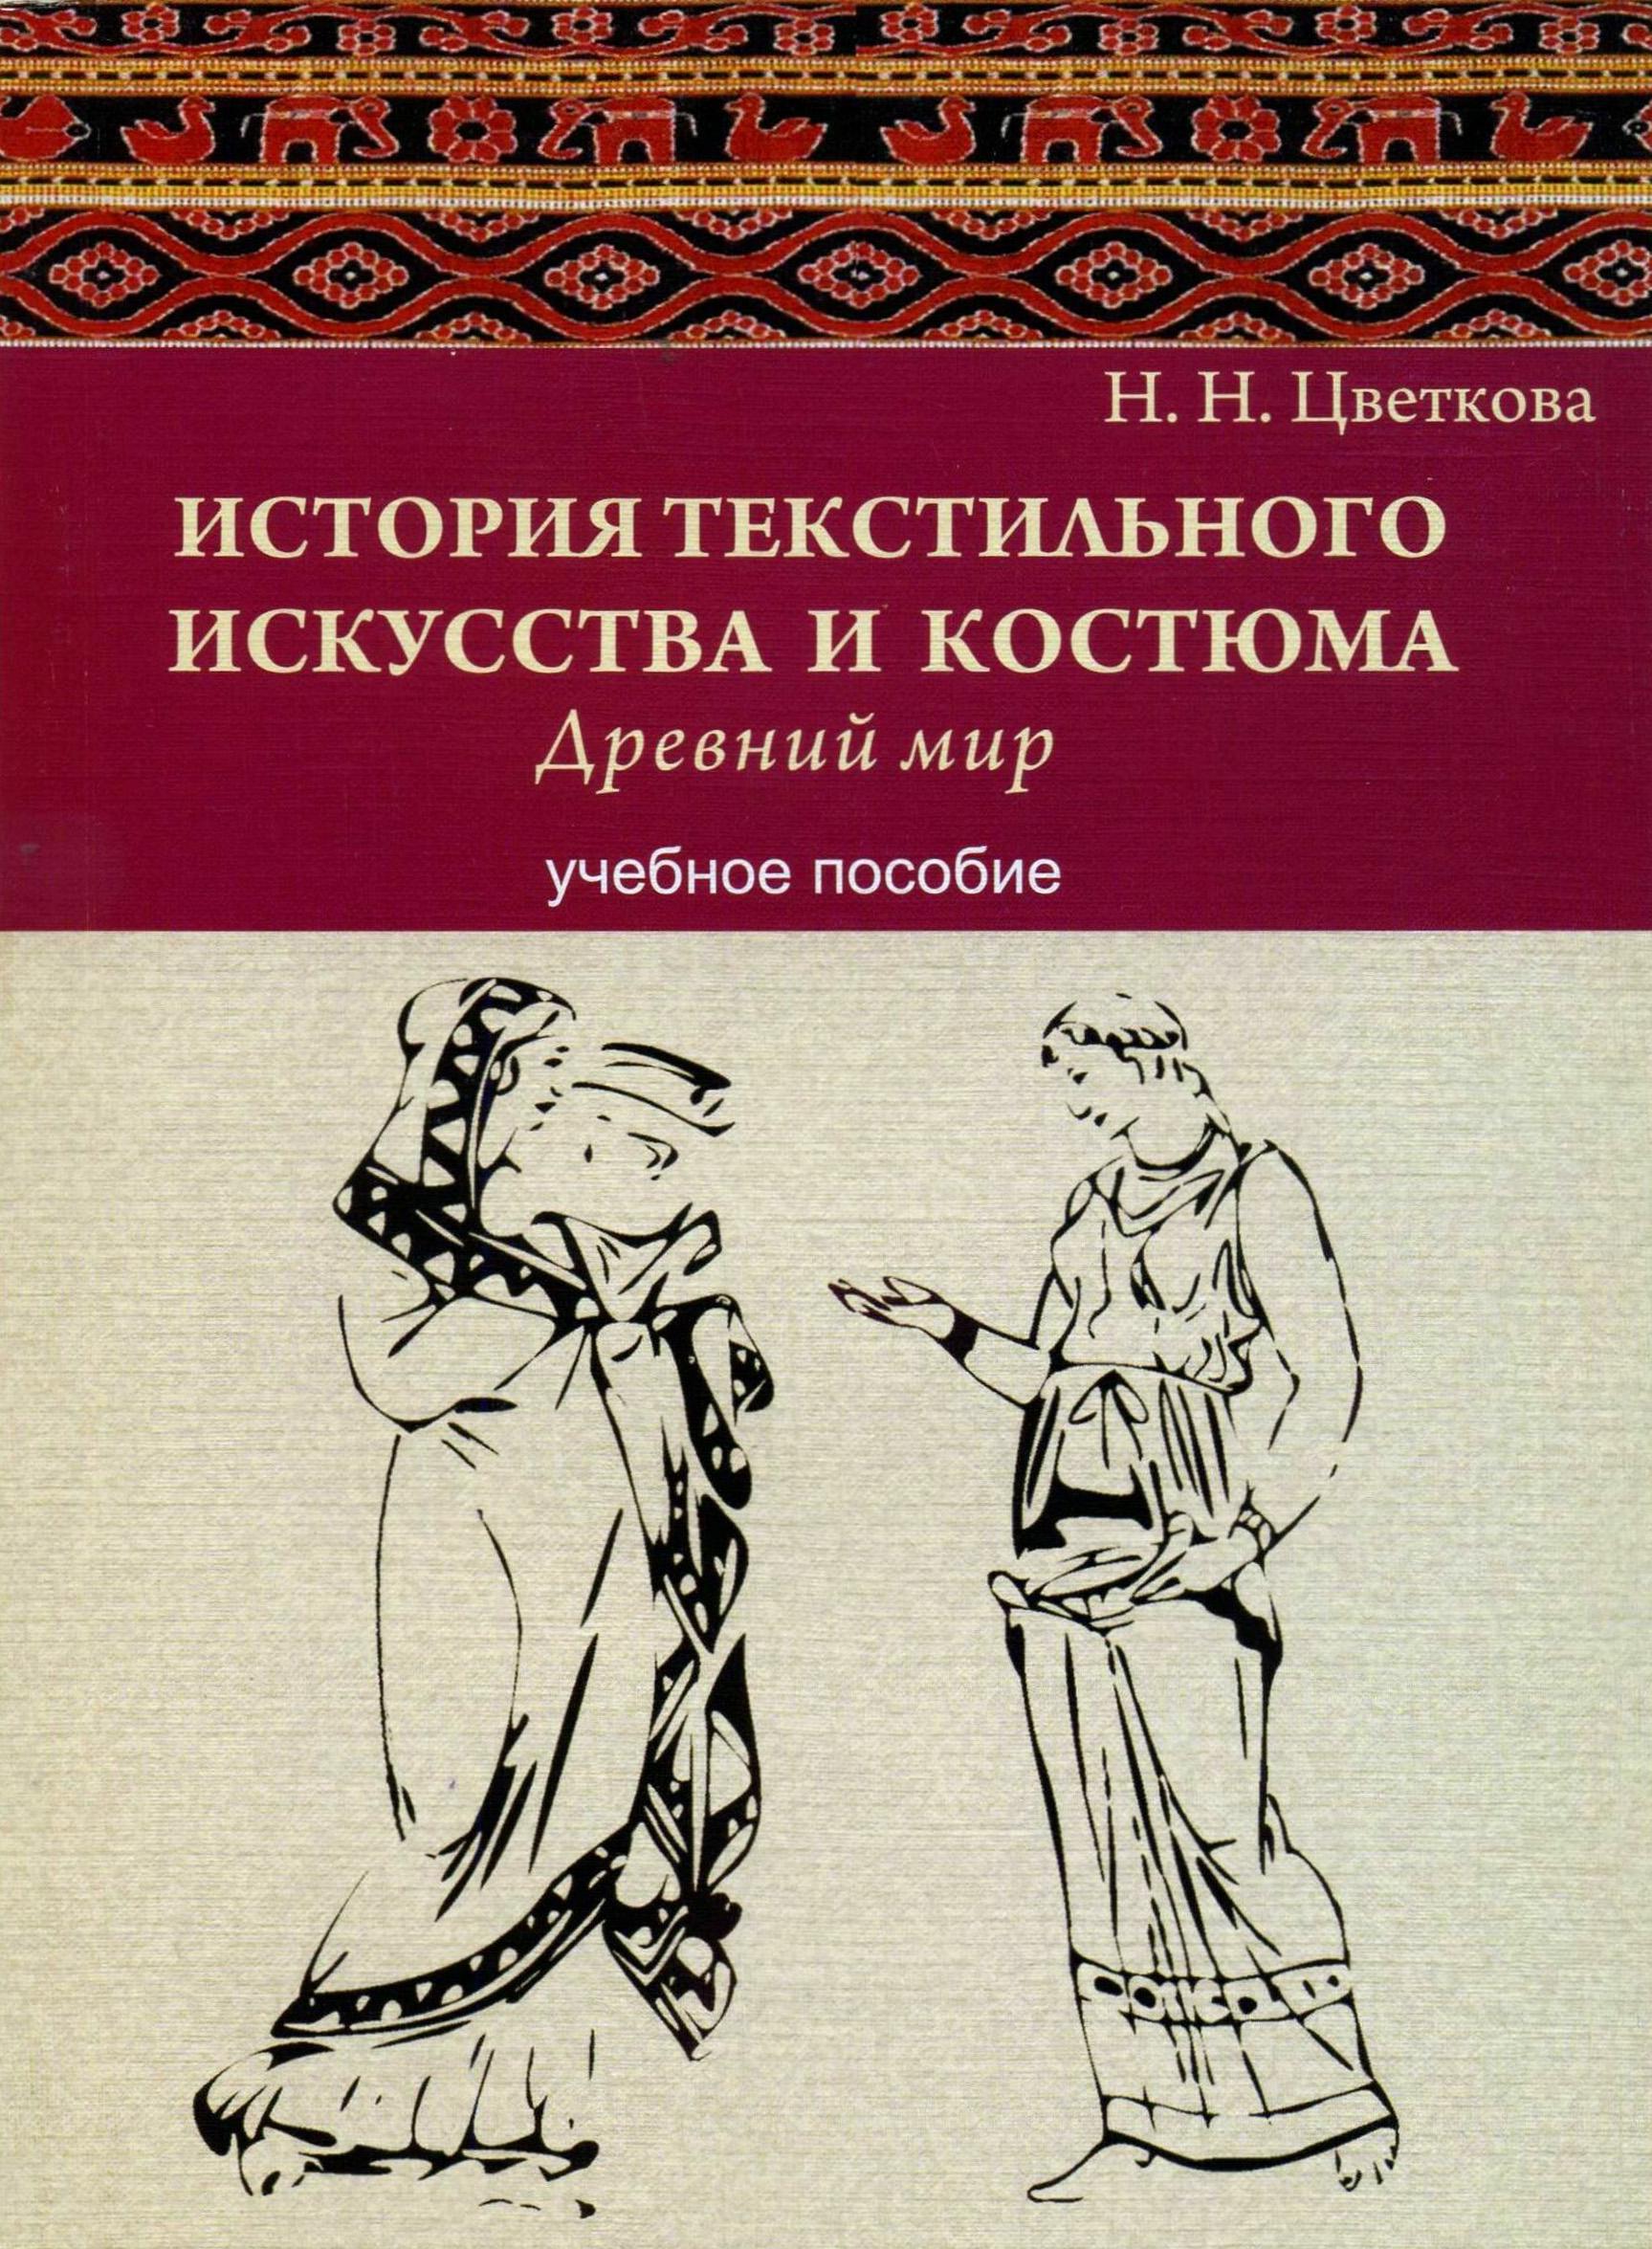 История текстильного искусства и костюма. Древний мир. Учебное пособие